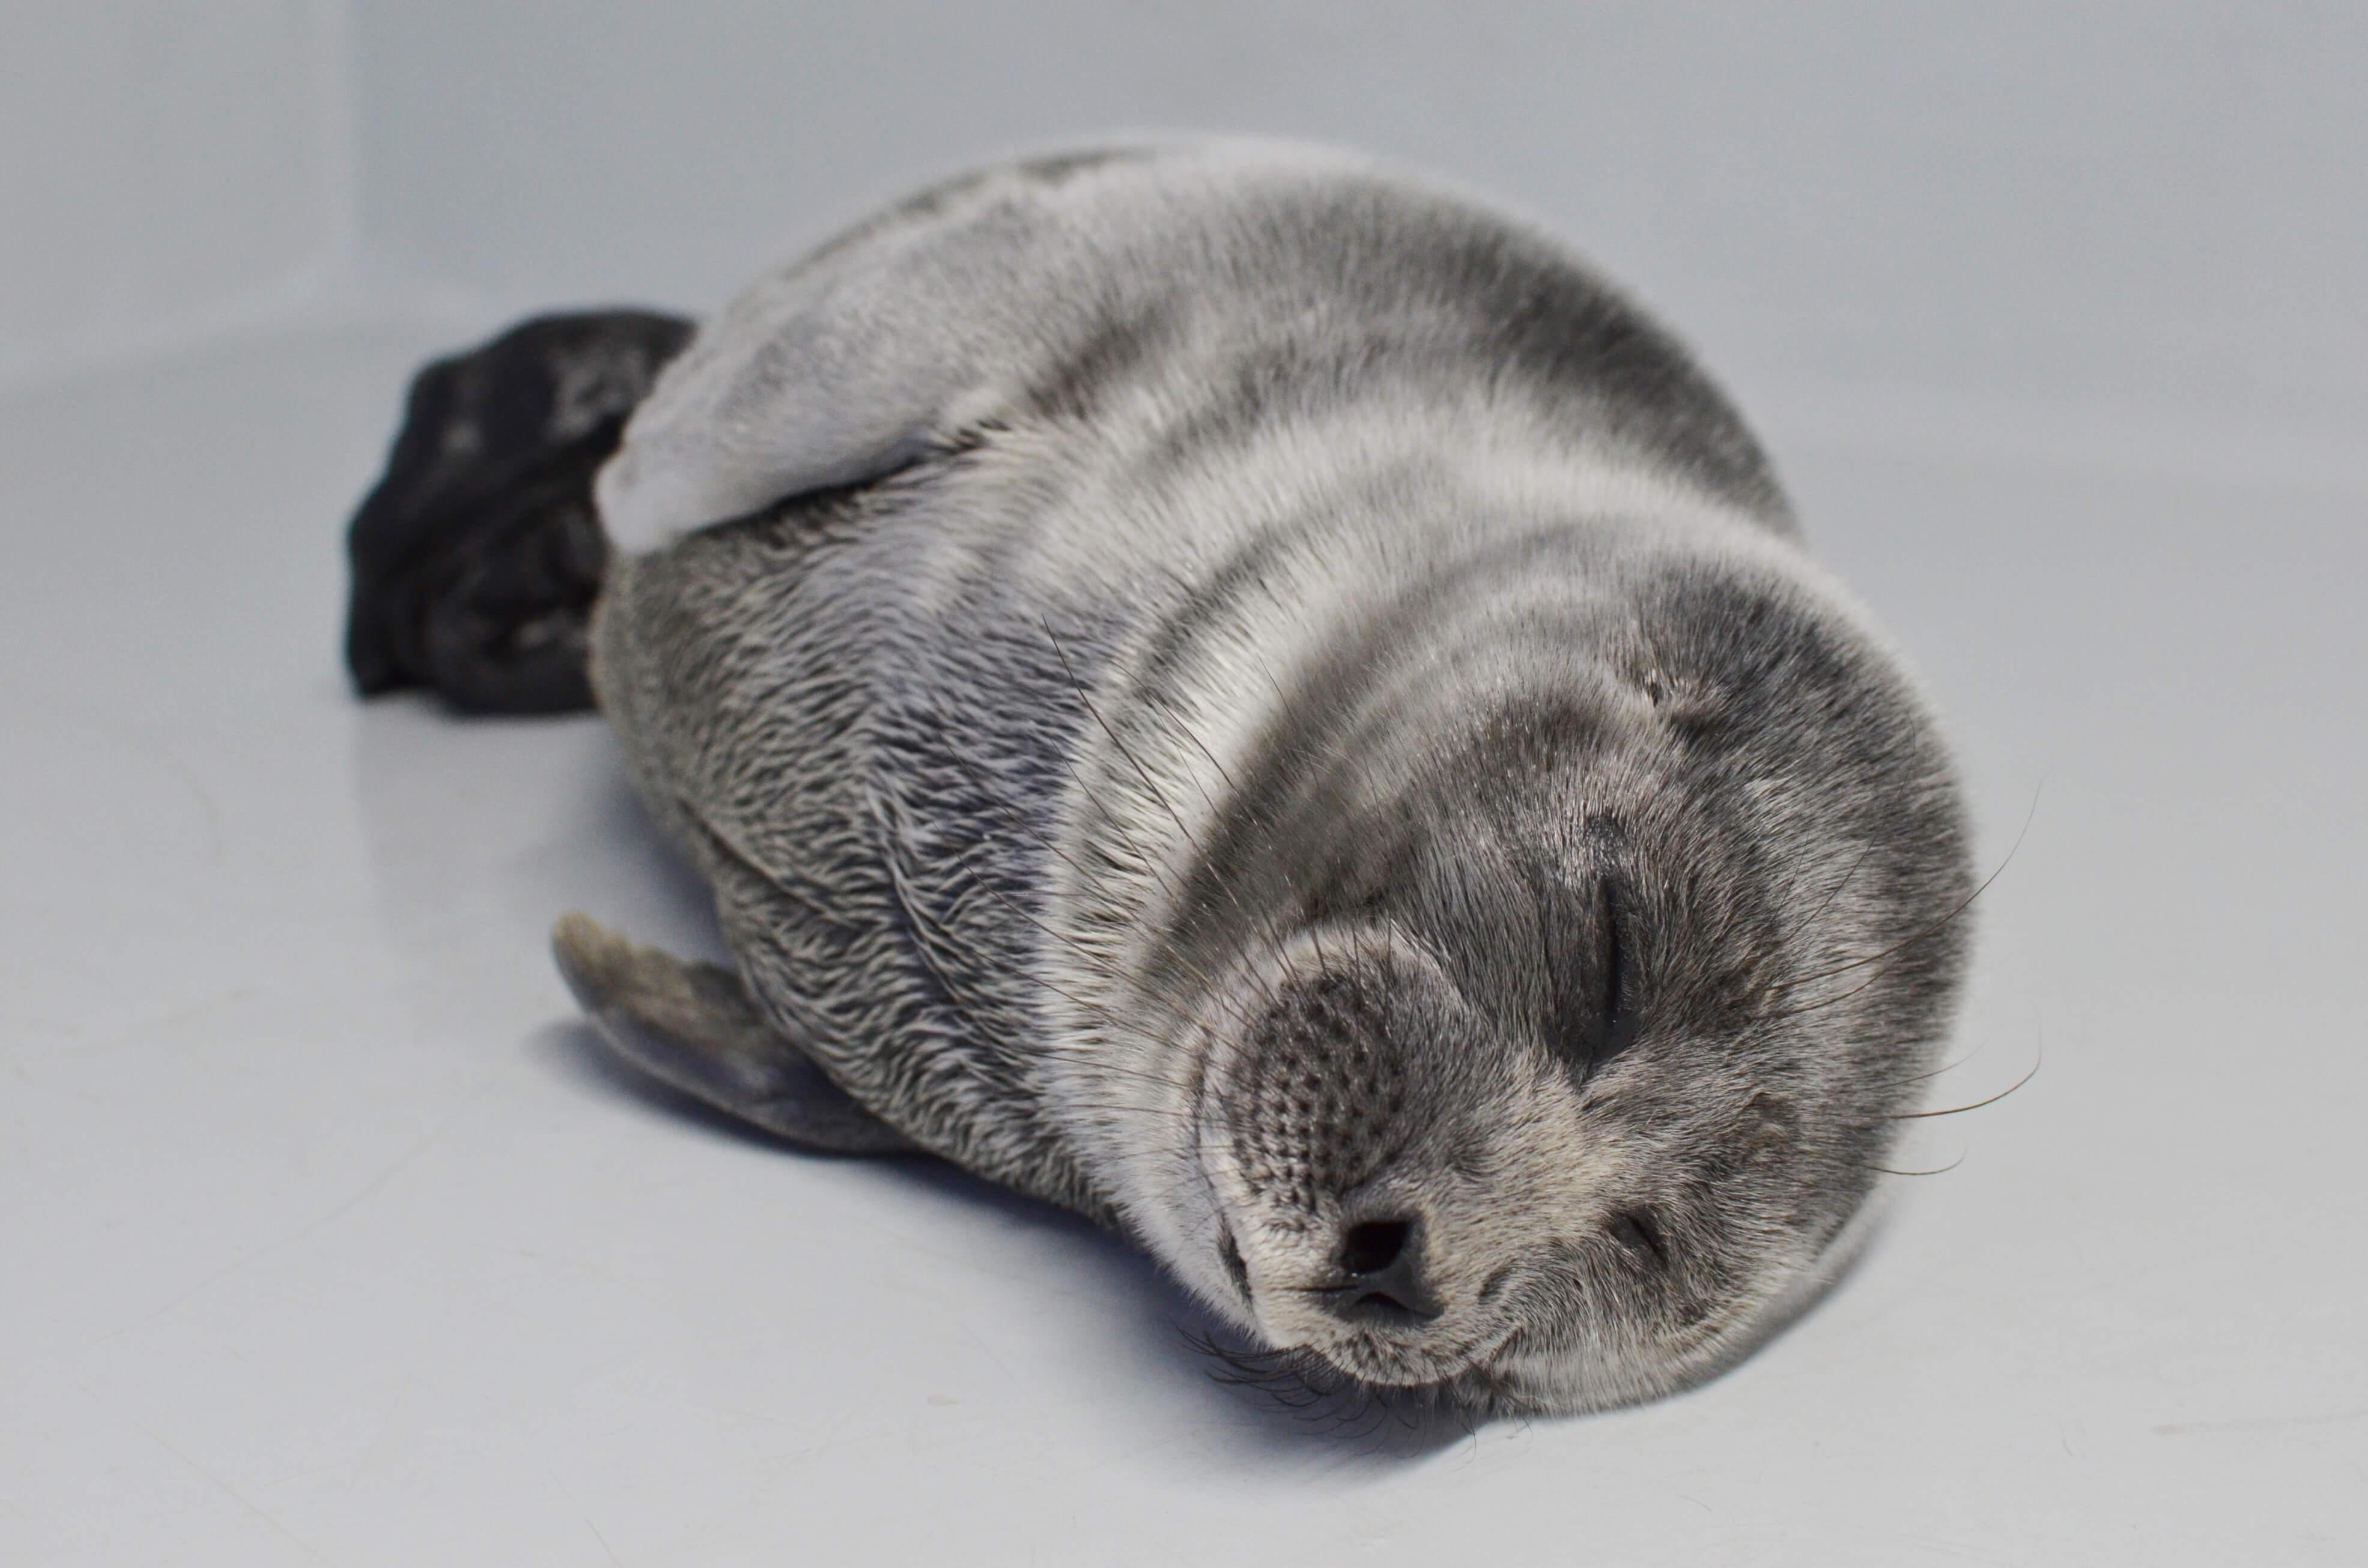 サンシャイン水族館 バイカルアザラシの赤ちゃん 愛称公募 sunshine aqurium bical sea mammul baby namemain